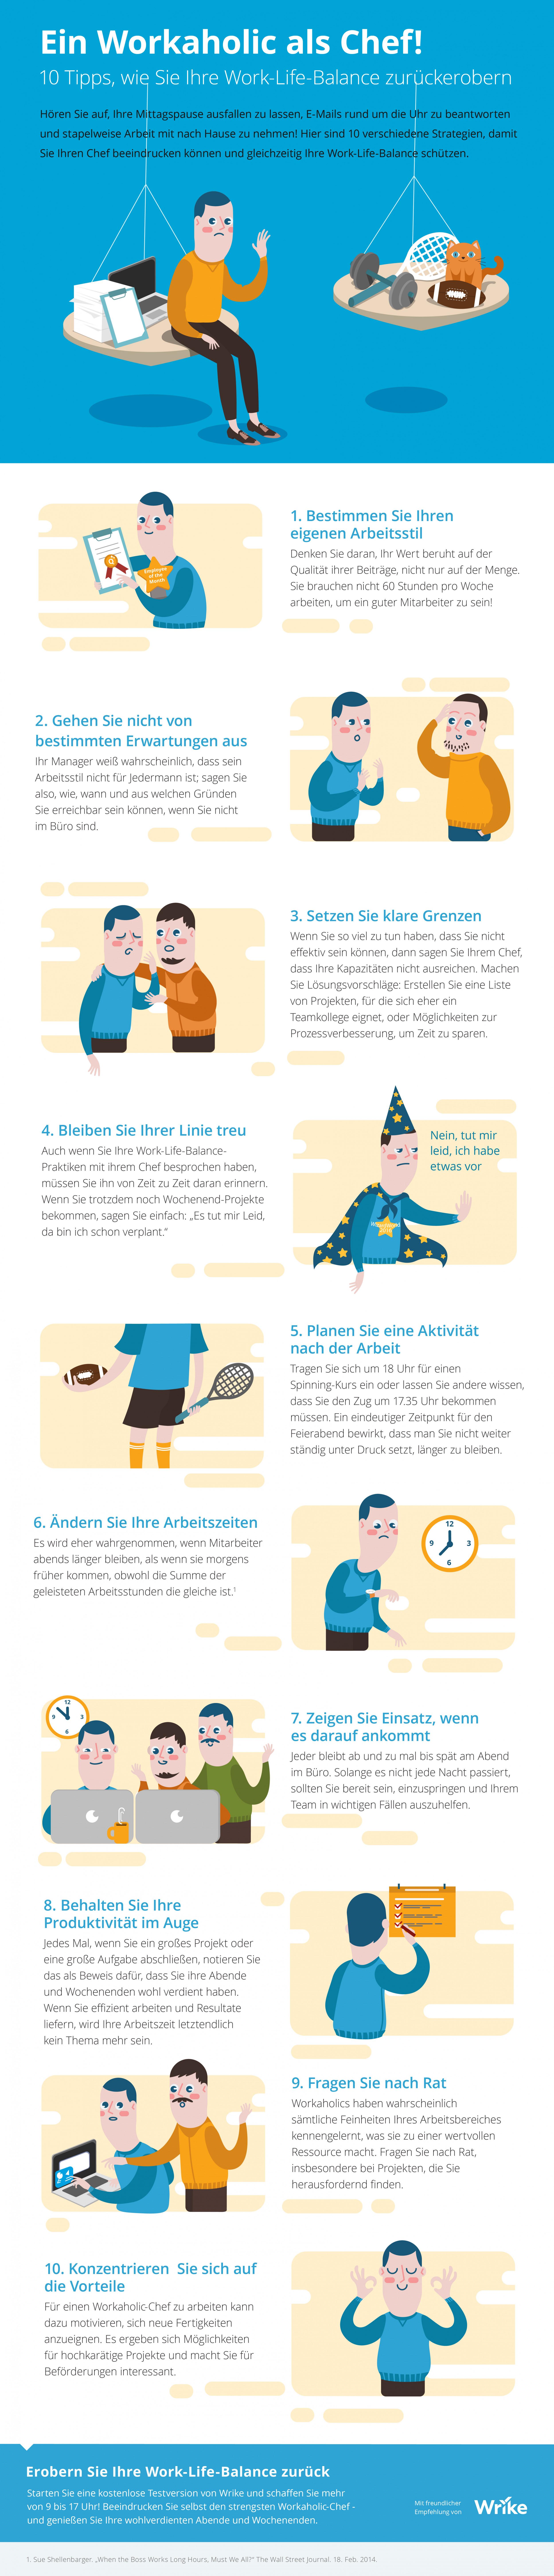 Ein Workaholic als Boss? 10 Tipps wie Sie Ihre Work-Life-Balance zurückerobern